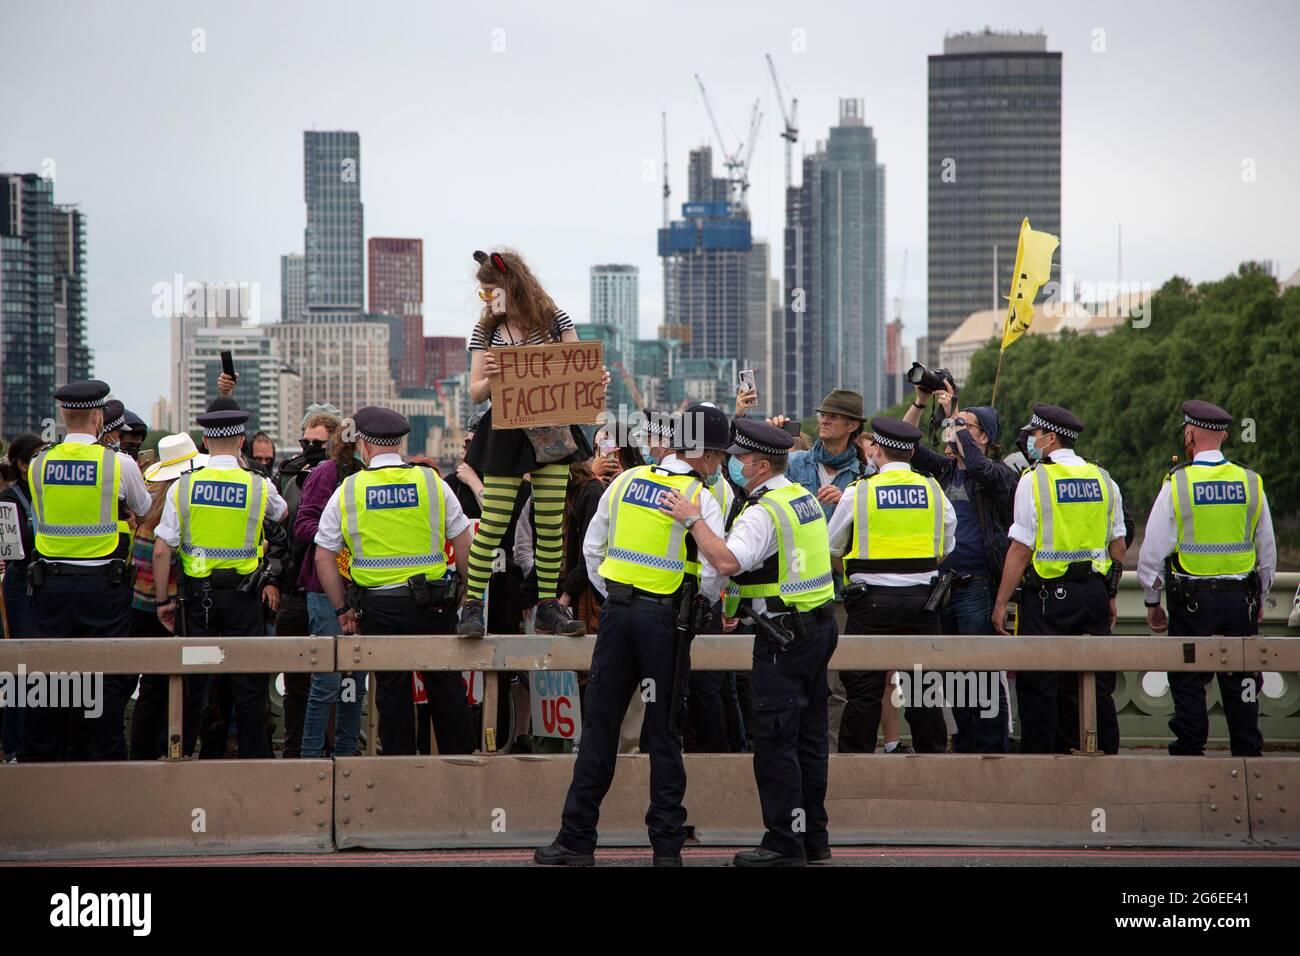 Un joven manifestante con orejas de gato y gafas amarillas sostiene un letrero en medio de la policía en la protesta 'Kill the Bill' en el centro de Londres, 5.7.2021 Foto de stock